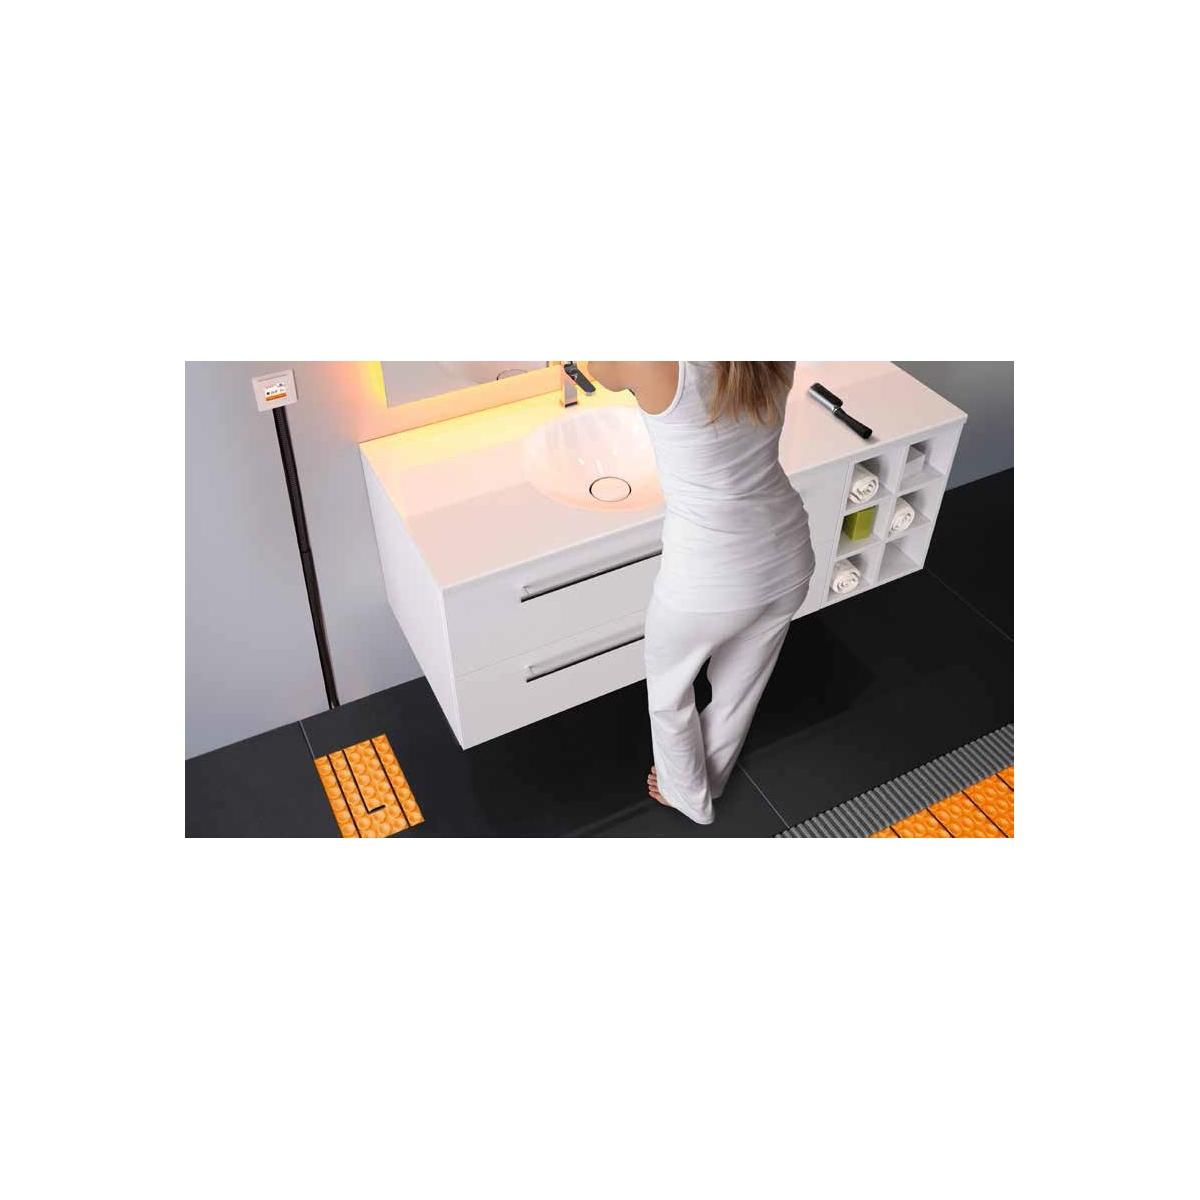 Suelo radiante mediante electricidad y termostato digital regulable y programable, con aislamiento - Suelo radiante eléctrico